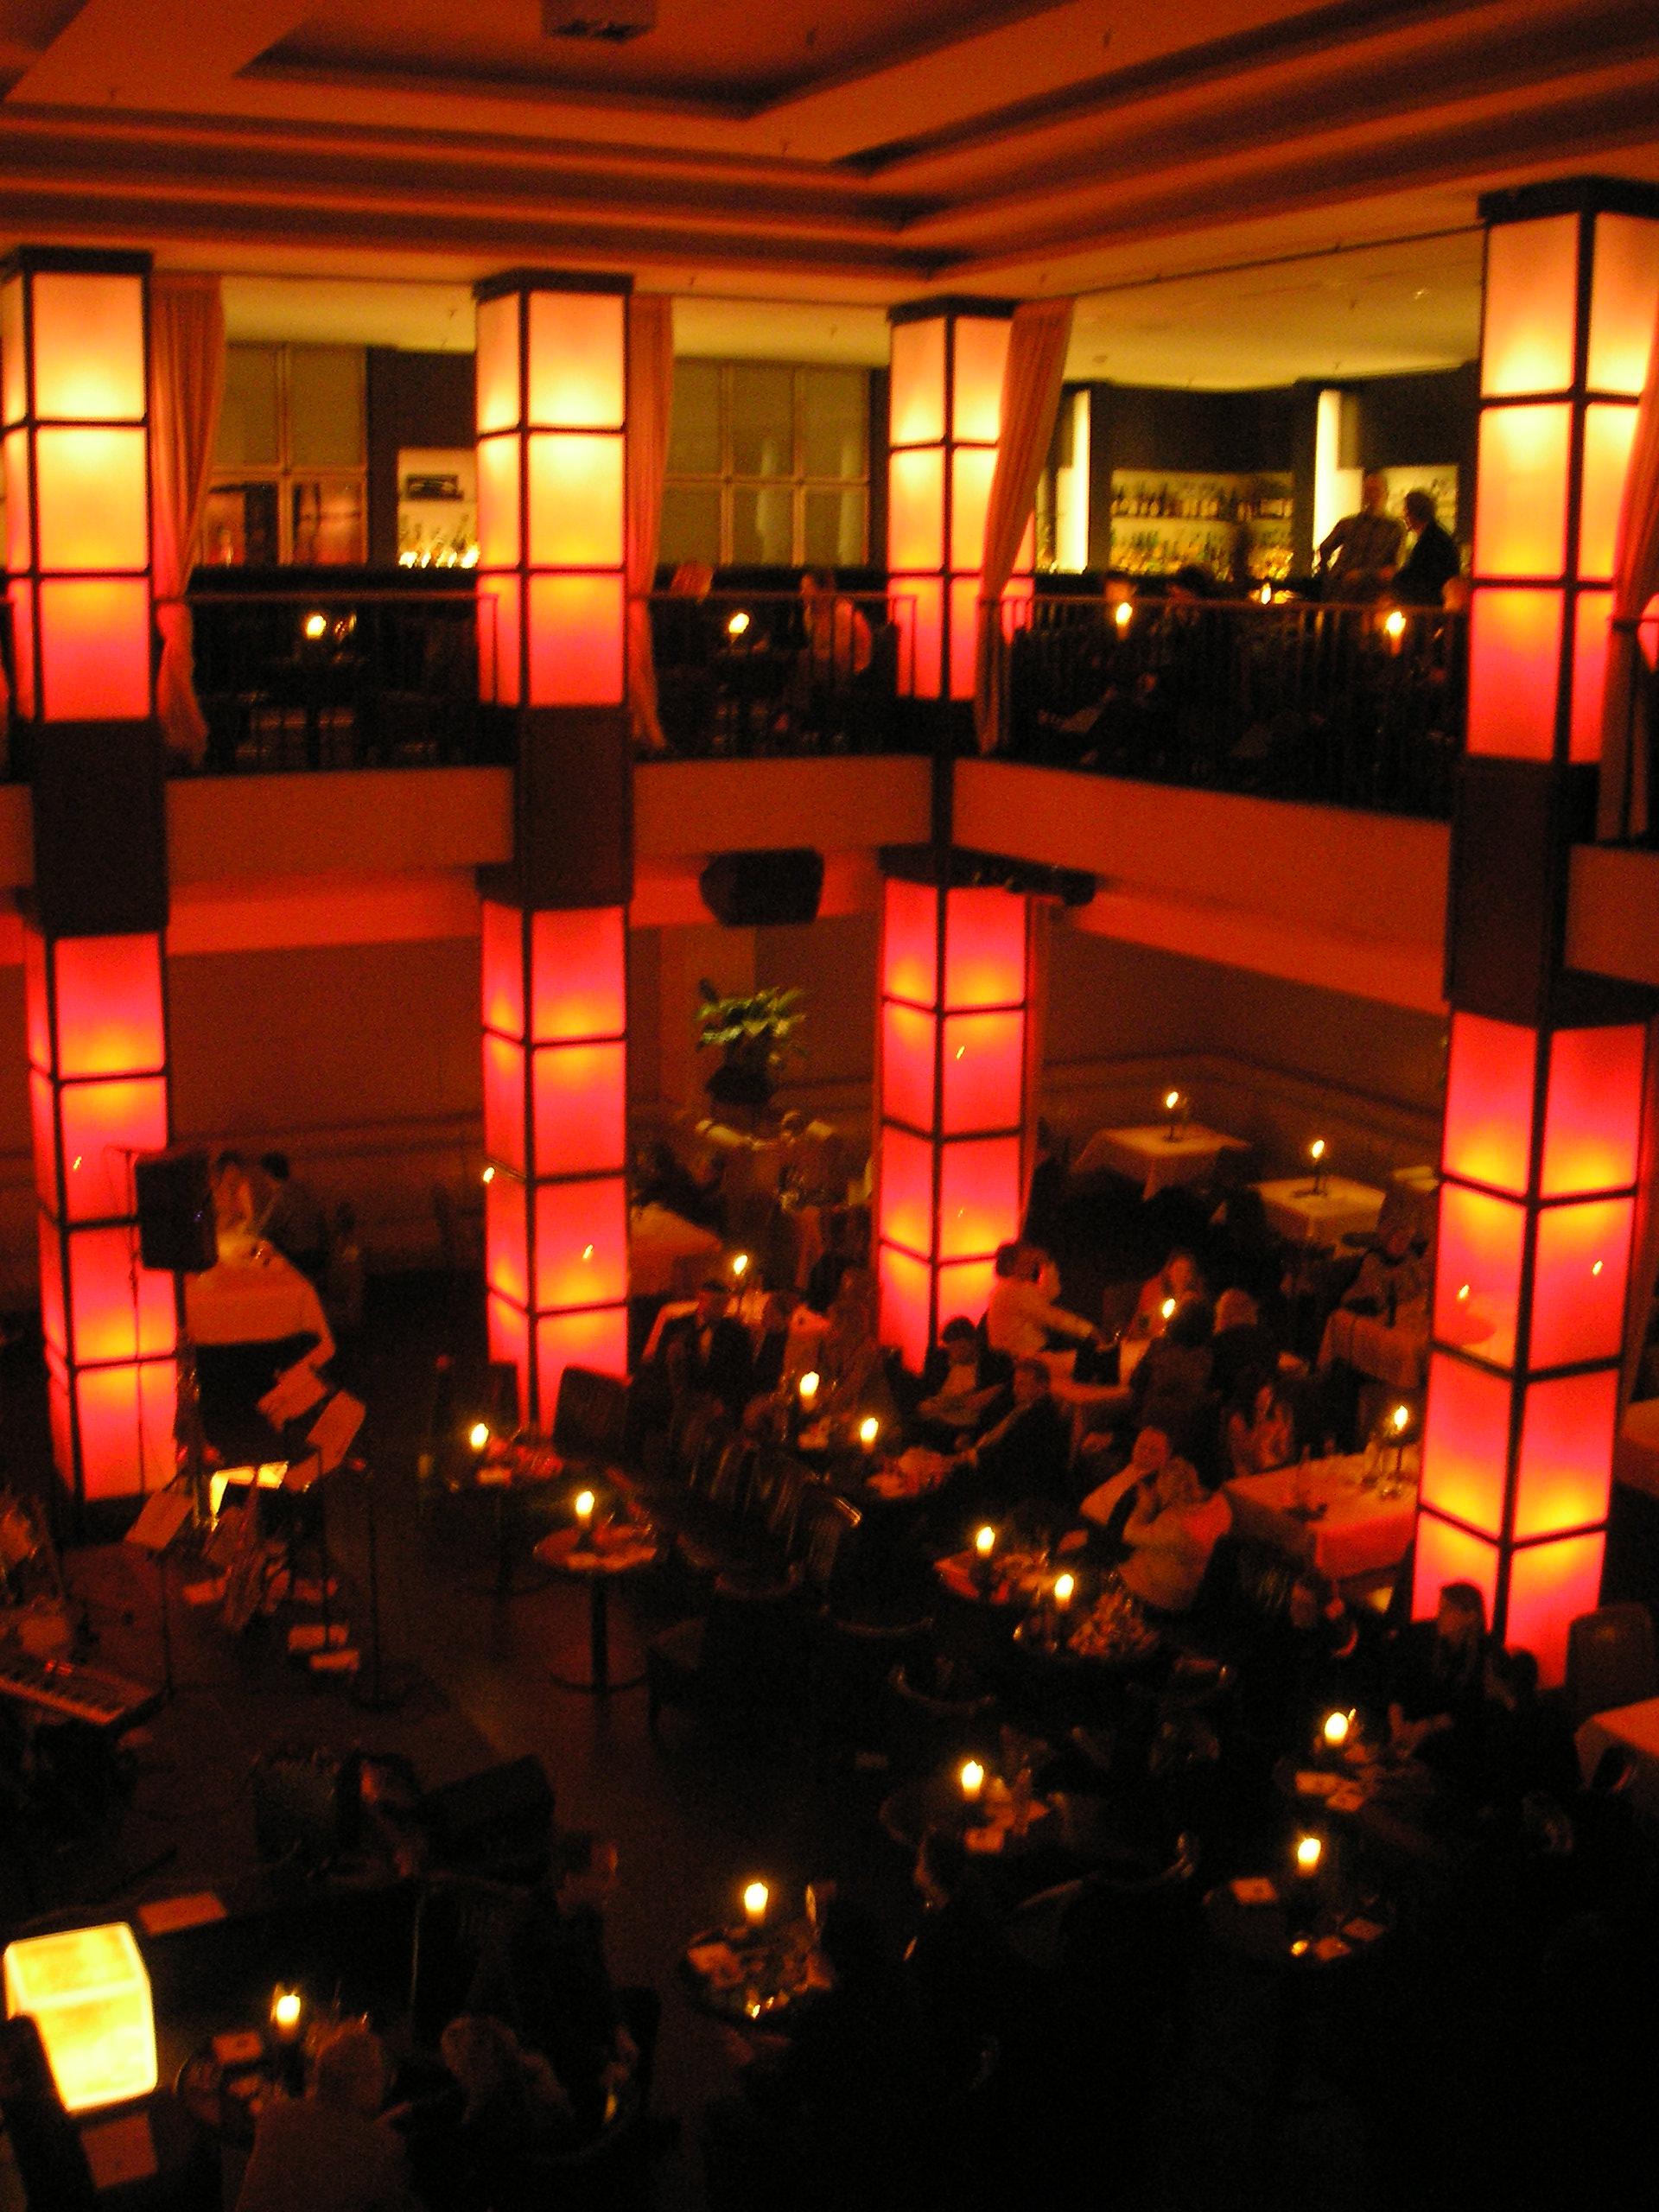 Nachtclub wikiwand - Nachtclub ...